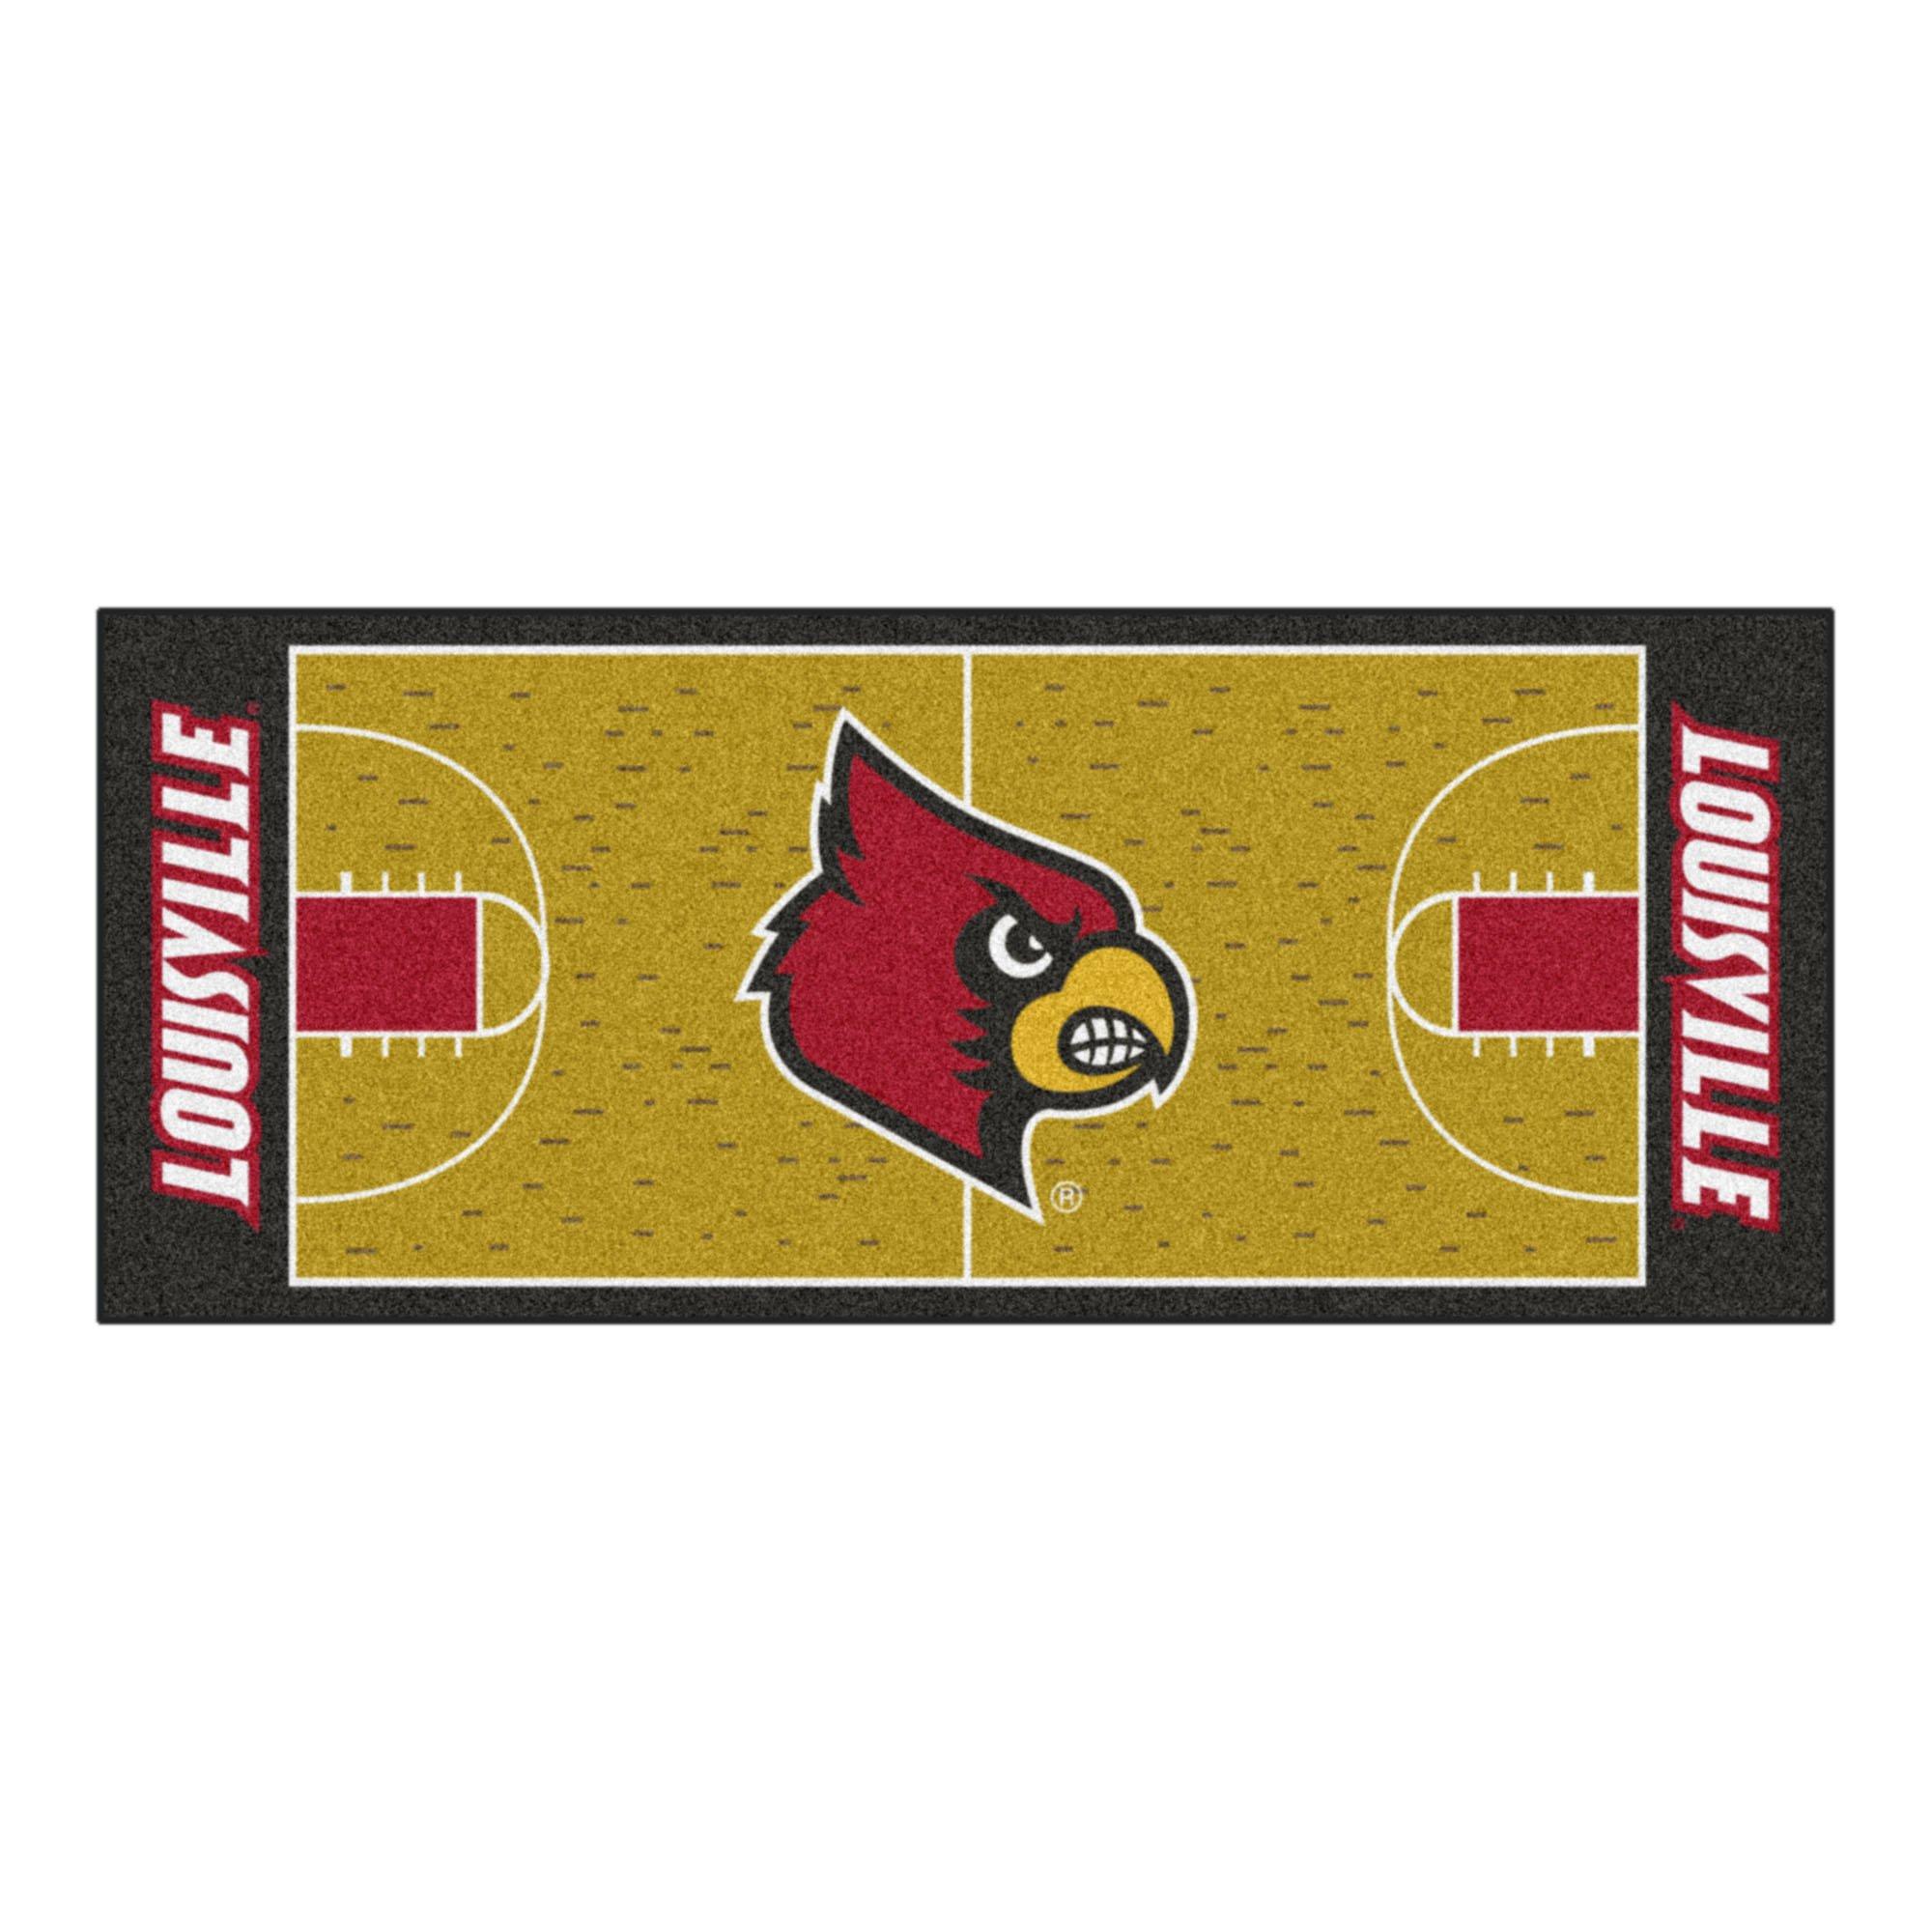 NCAA University of Louisville Cardinals NCAA Basketball Non-Skid Mat Area Rug Runner